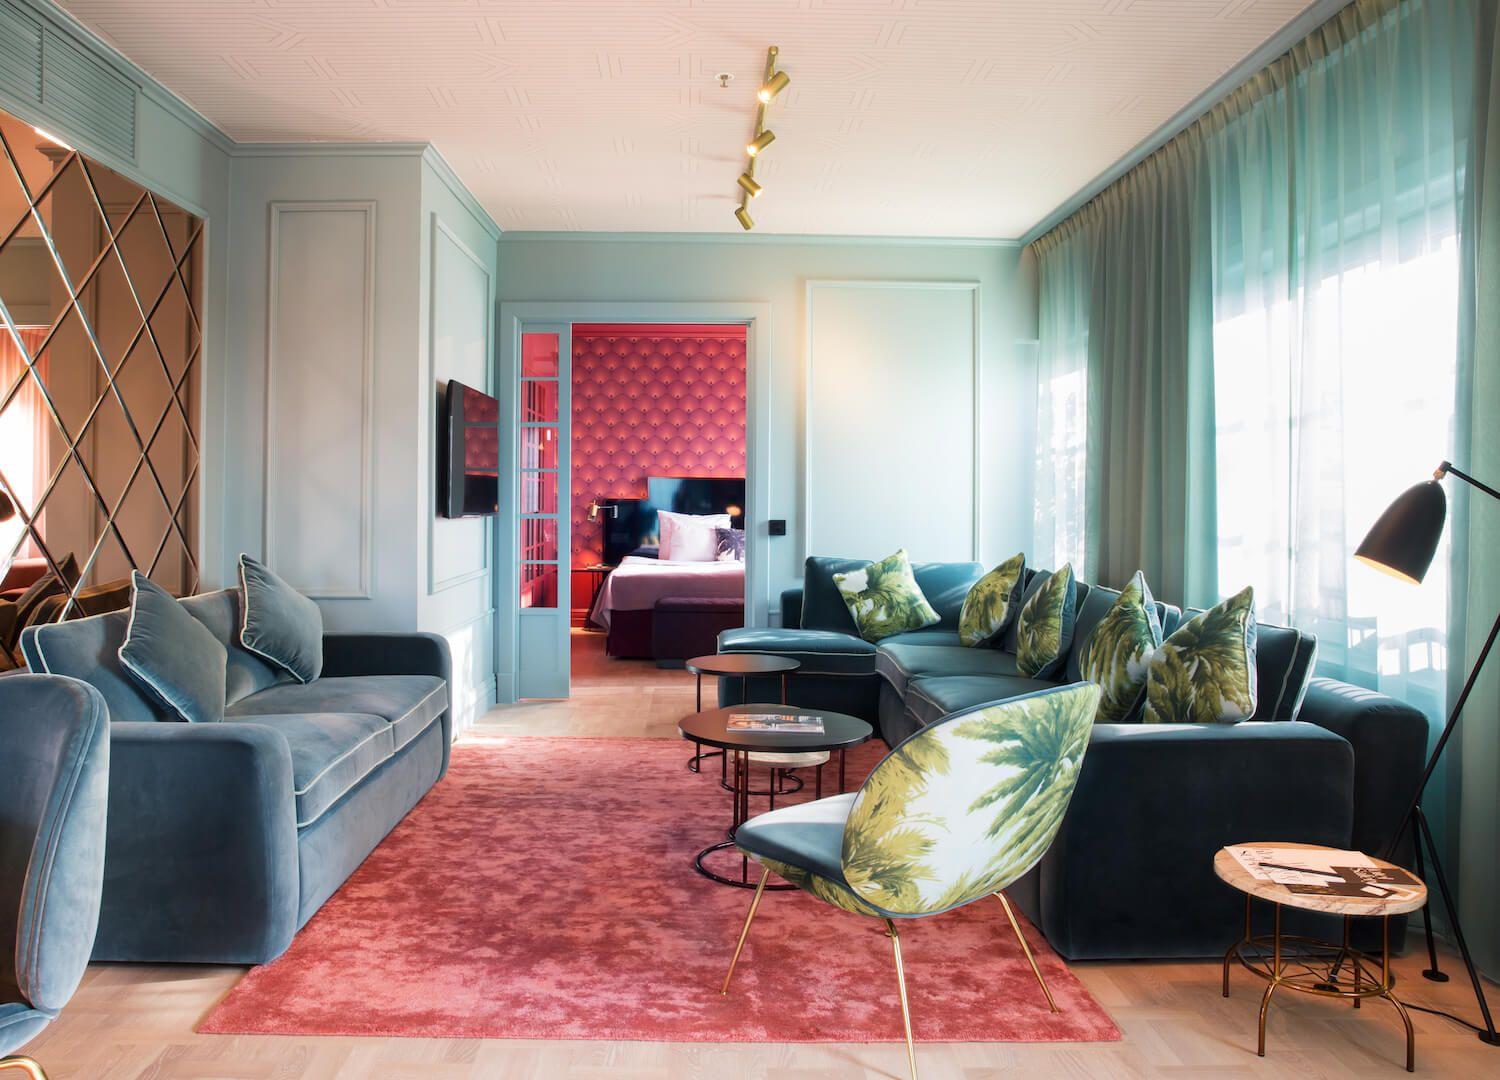 Haymarket Hotel Est Living Luxury Bedroom Decor Living Room